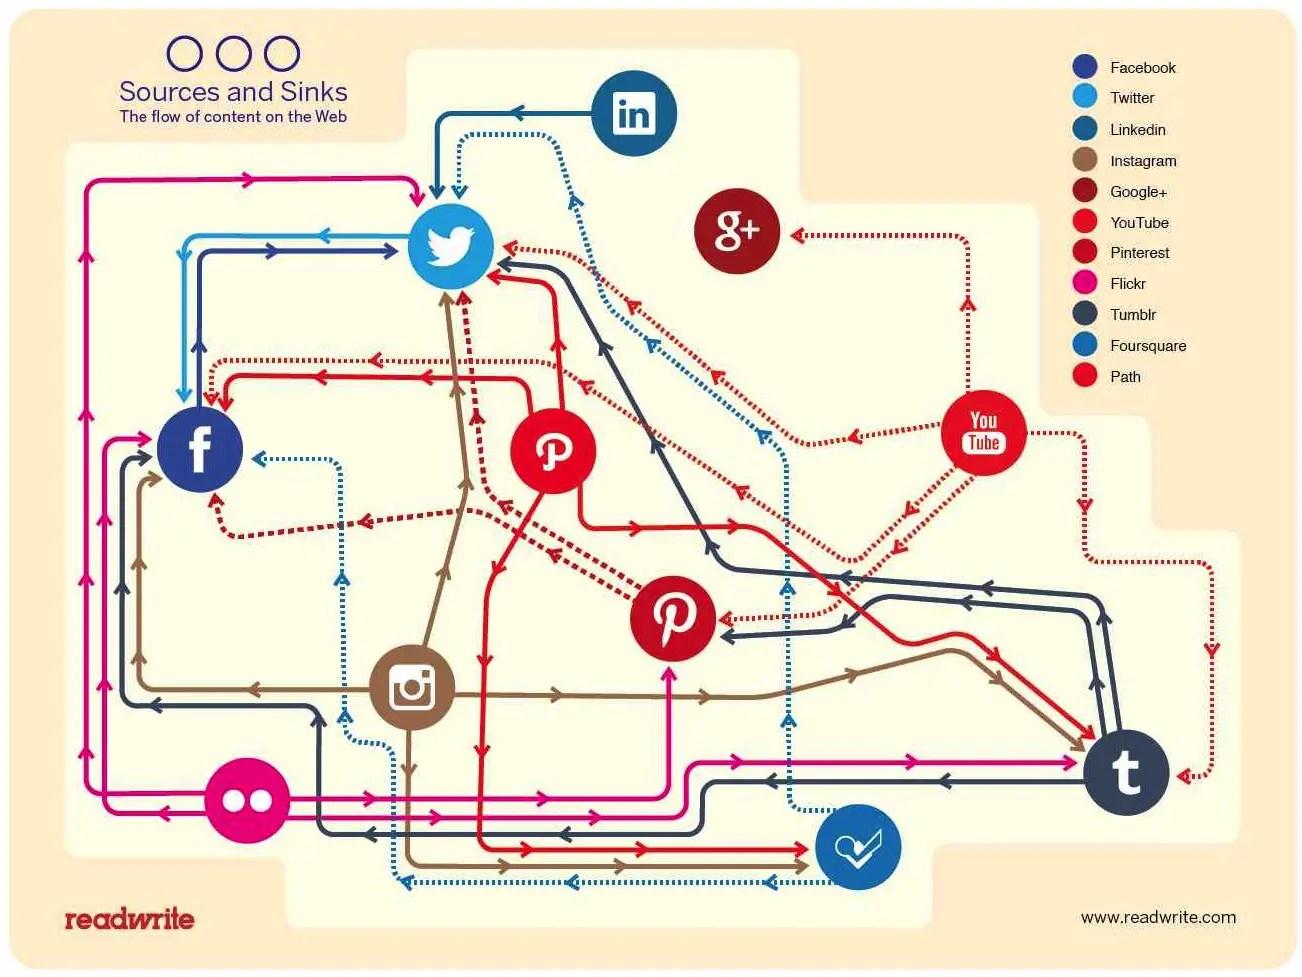 Wersm_infographic